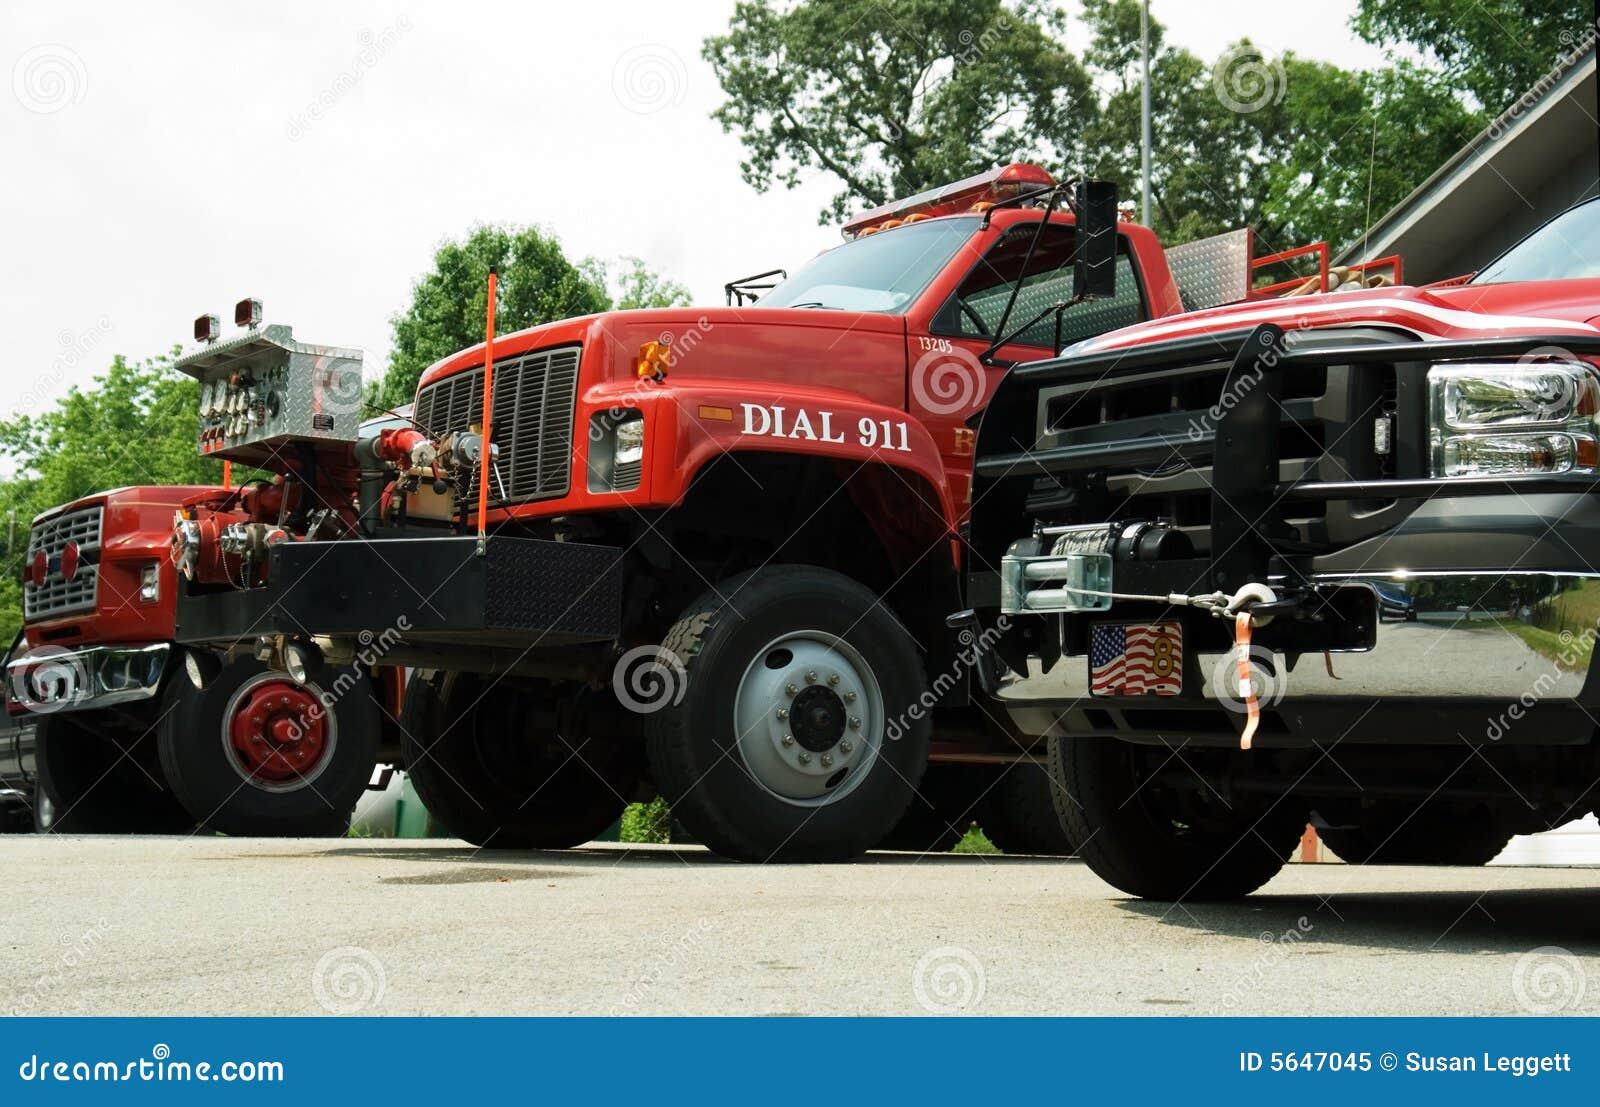 Three Firetrucks Ready to Roll